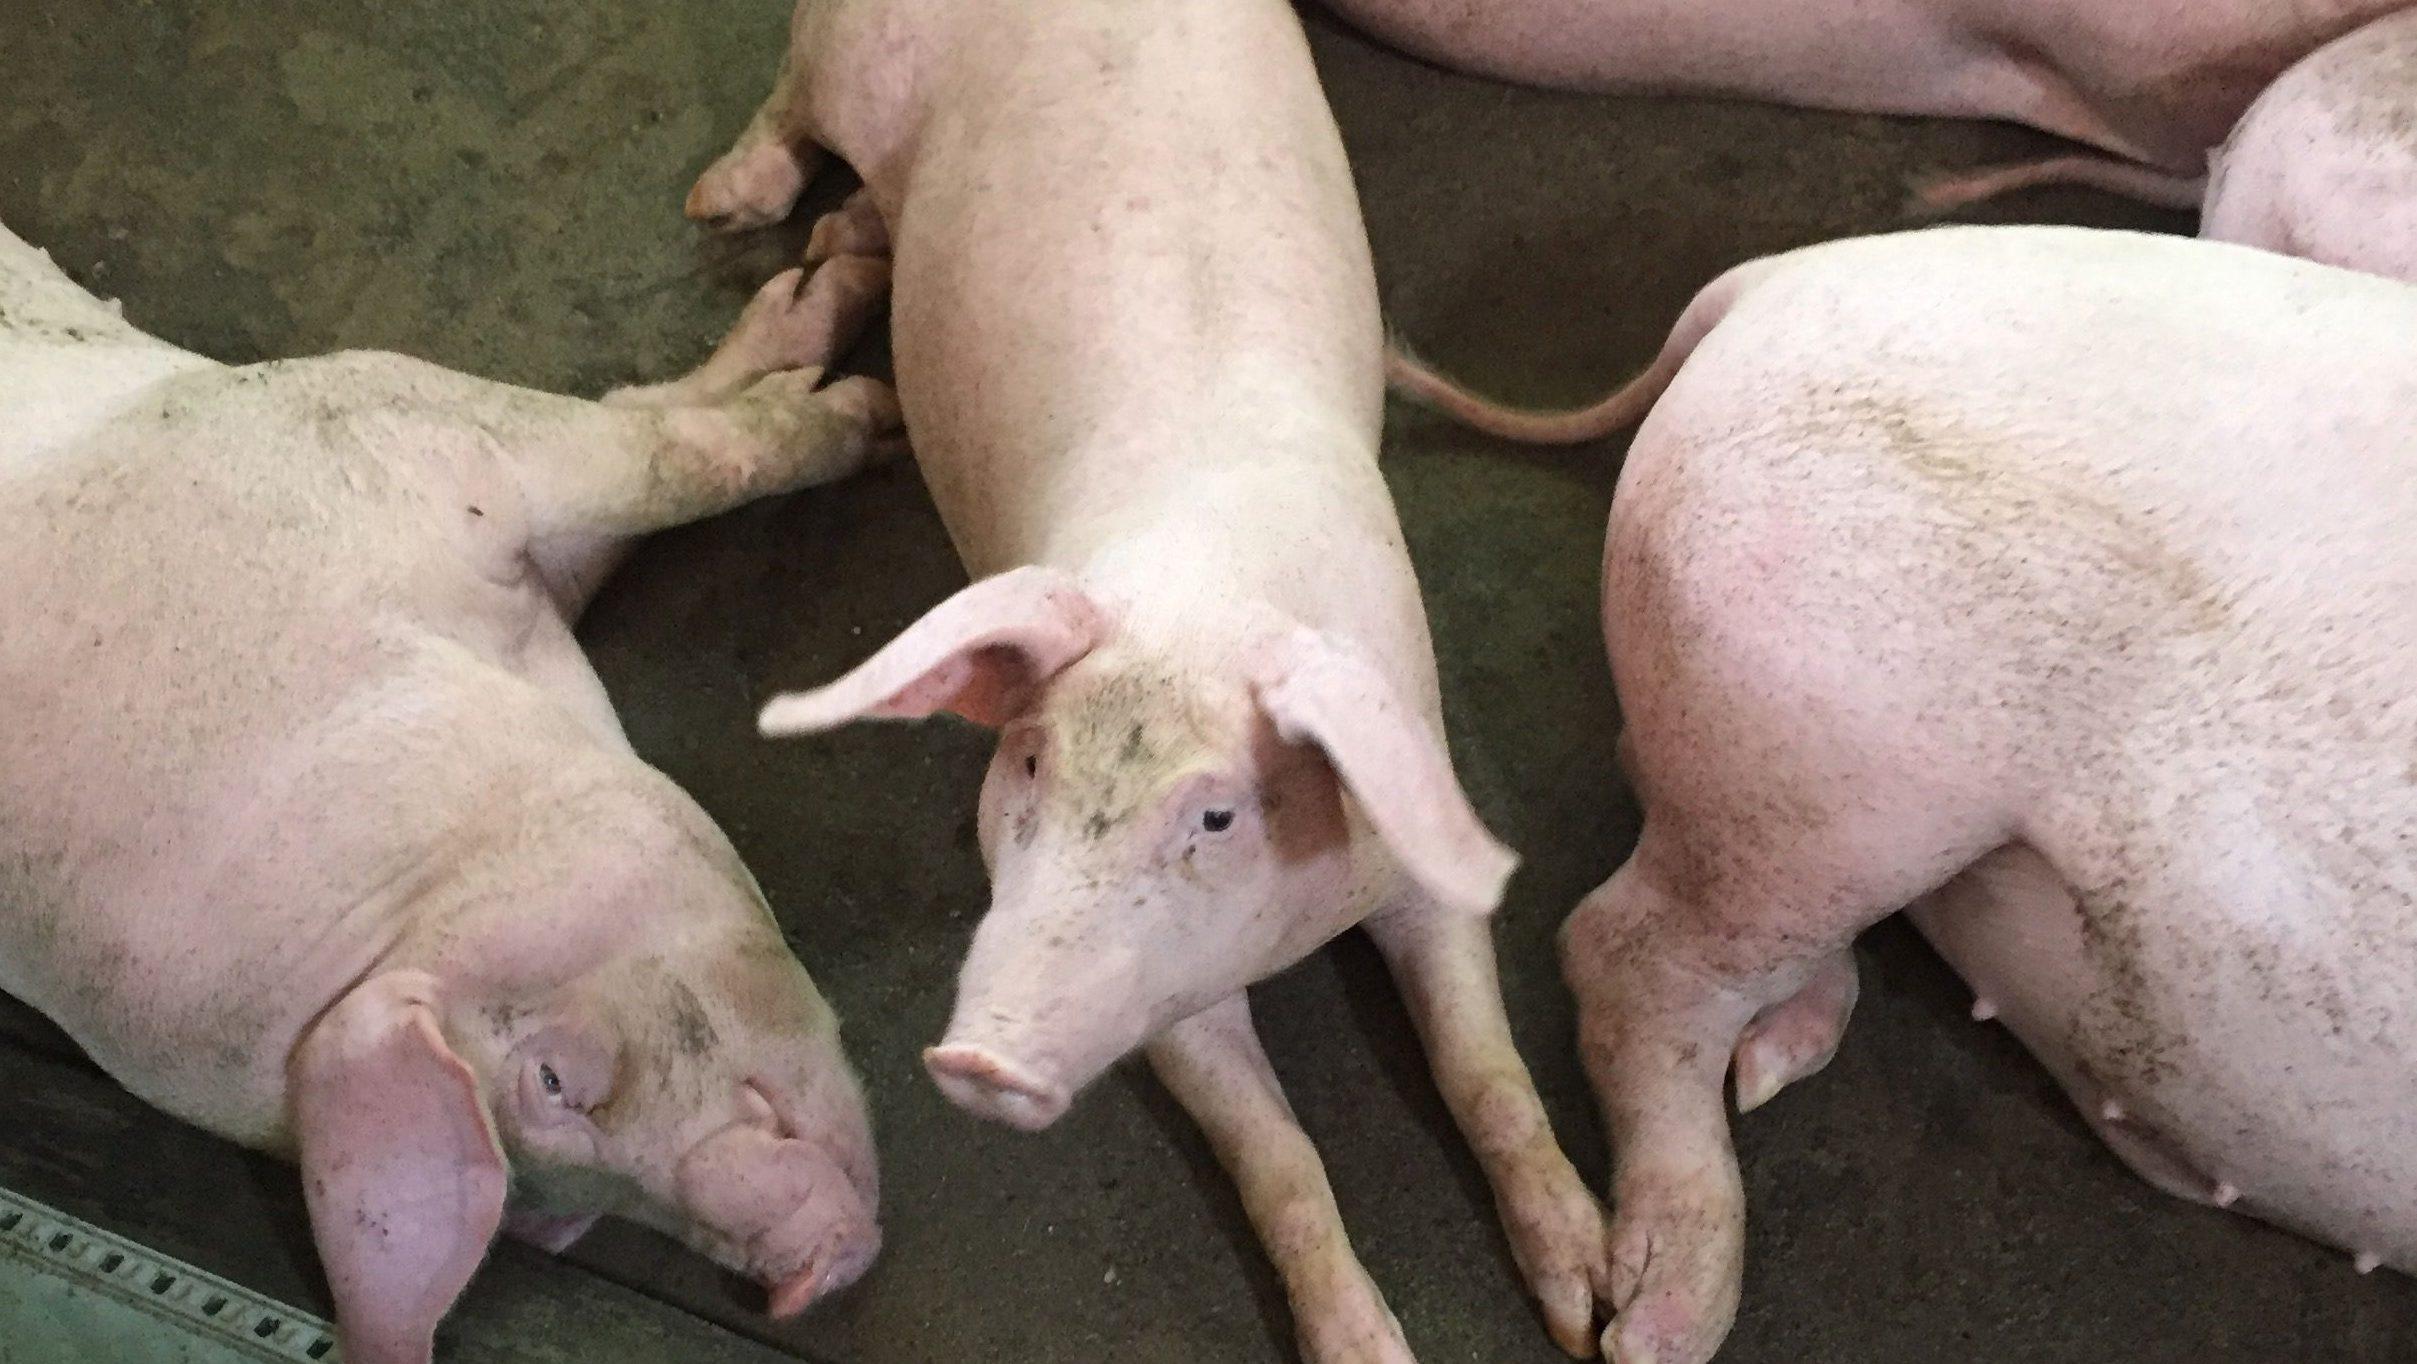 The pigs Le thi Vin raises in Hanoi, Vietnam